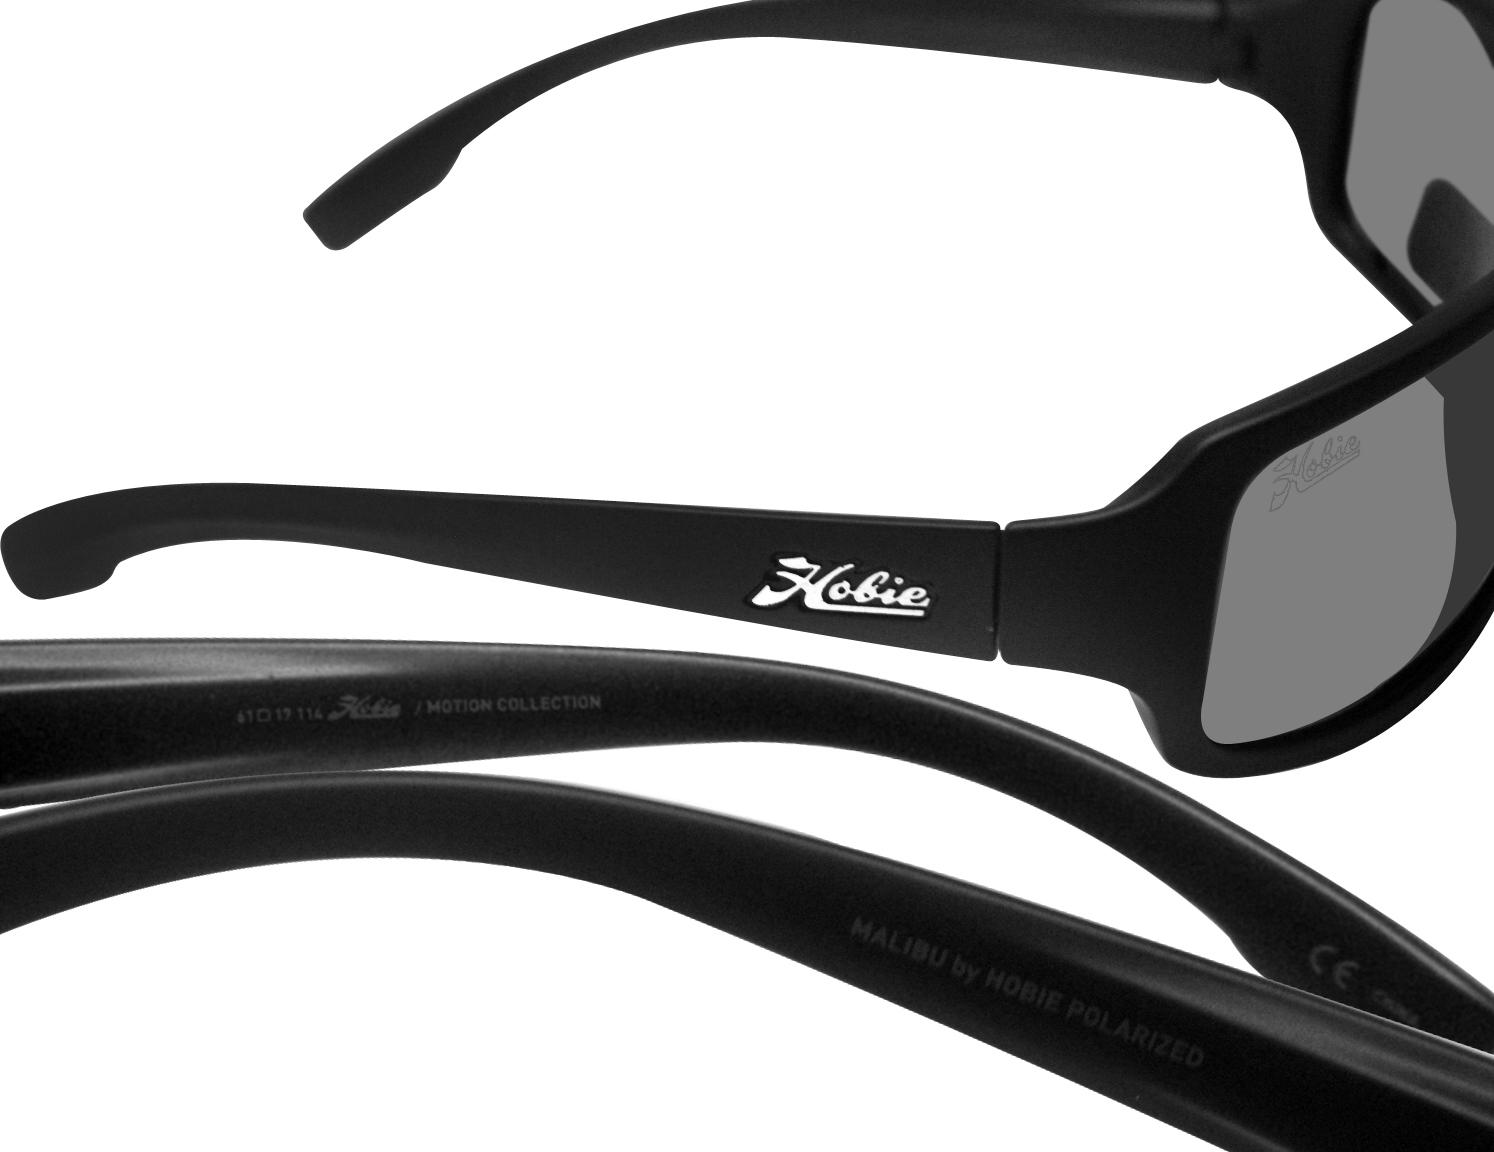 d8adad5131e0 Hobie Malibu Sunglasses - Walmart.com